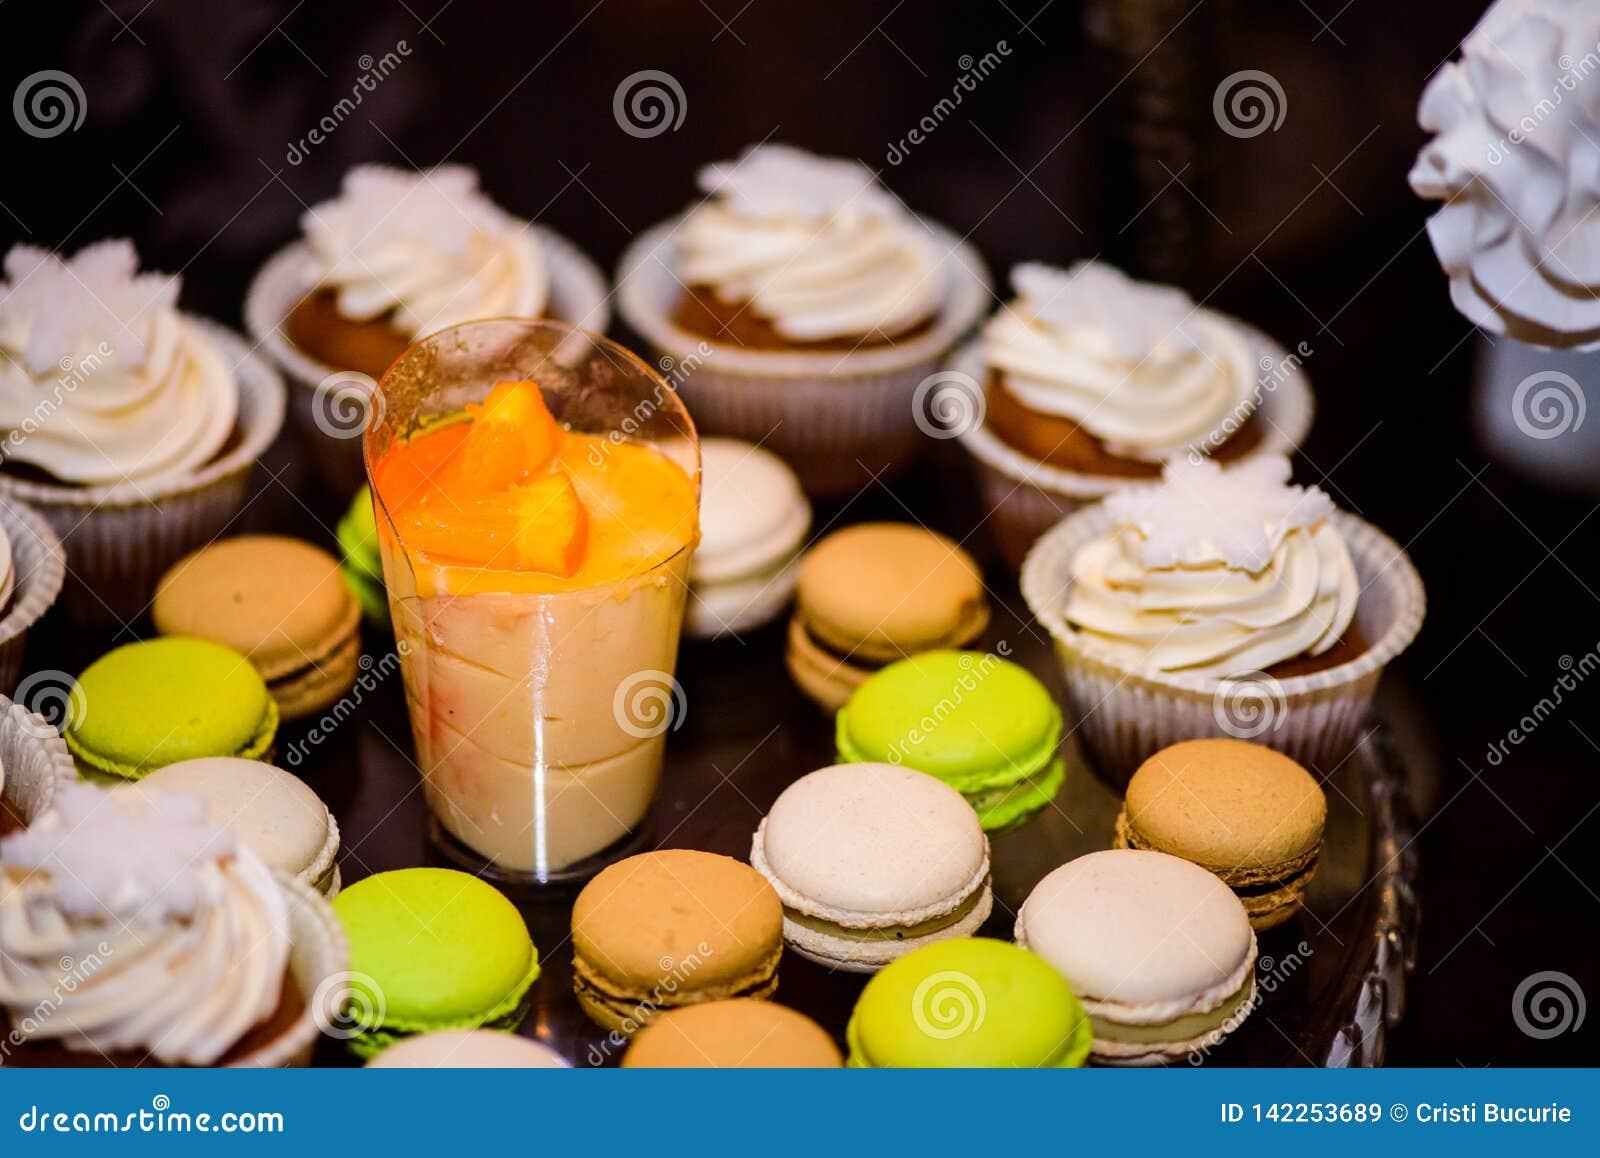 Makronen und Muffins